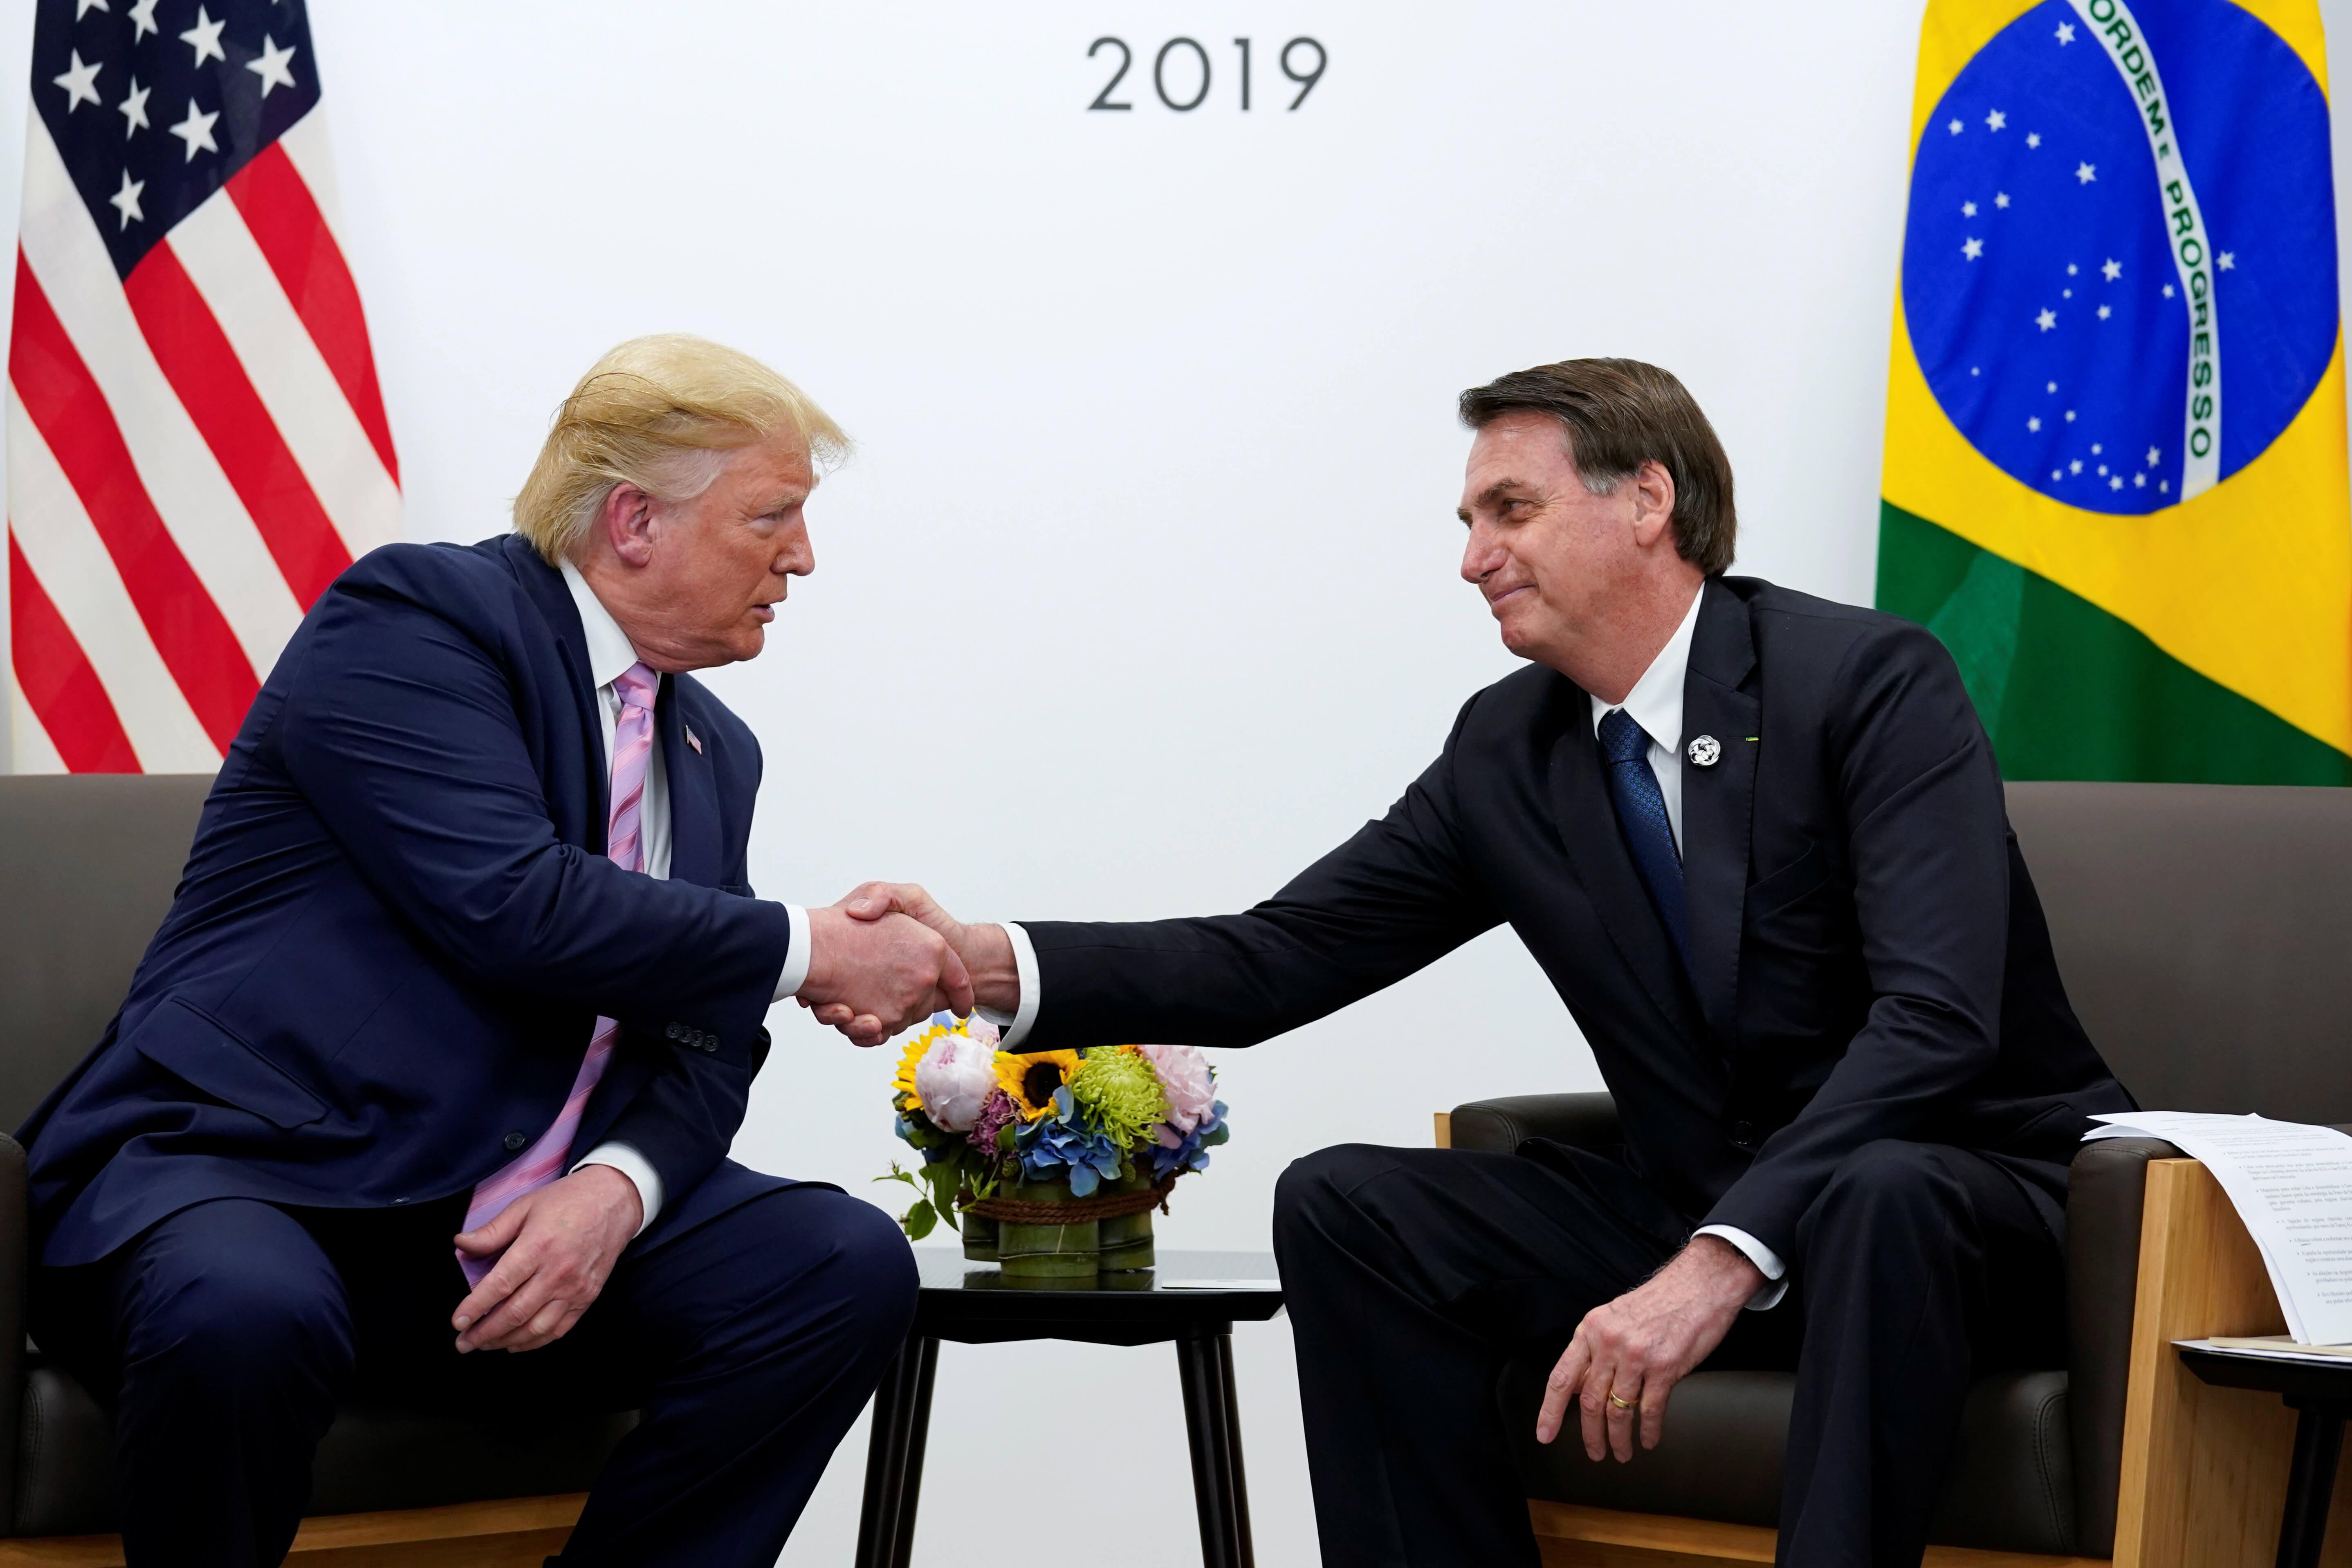 Ο Τραμπ κλείνει τα σύνορα των ΗΠΑ για όσους ταξιδεύουν από Βραζιλία